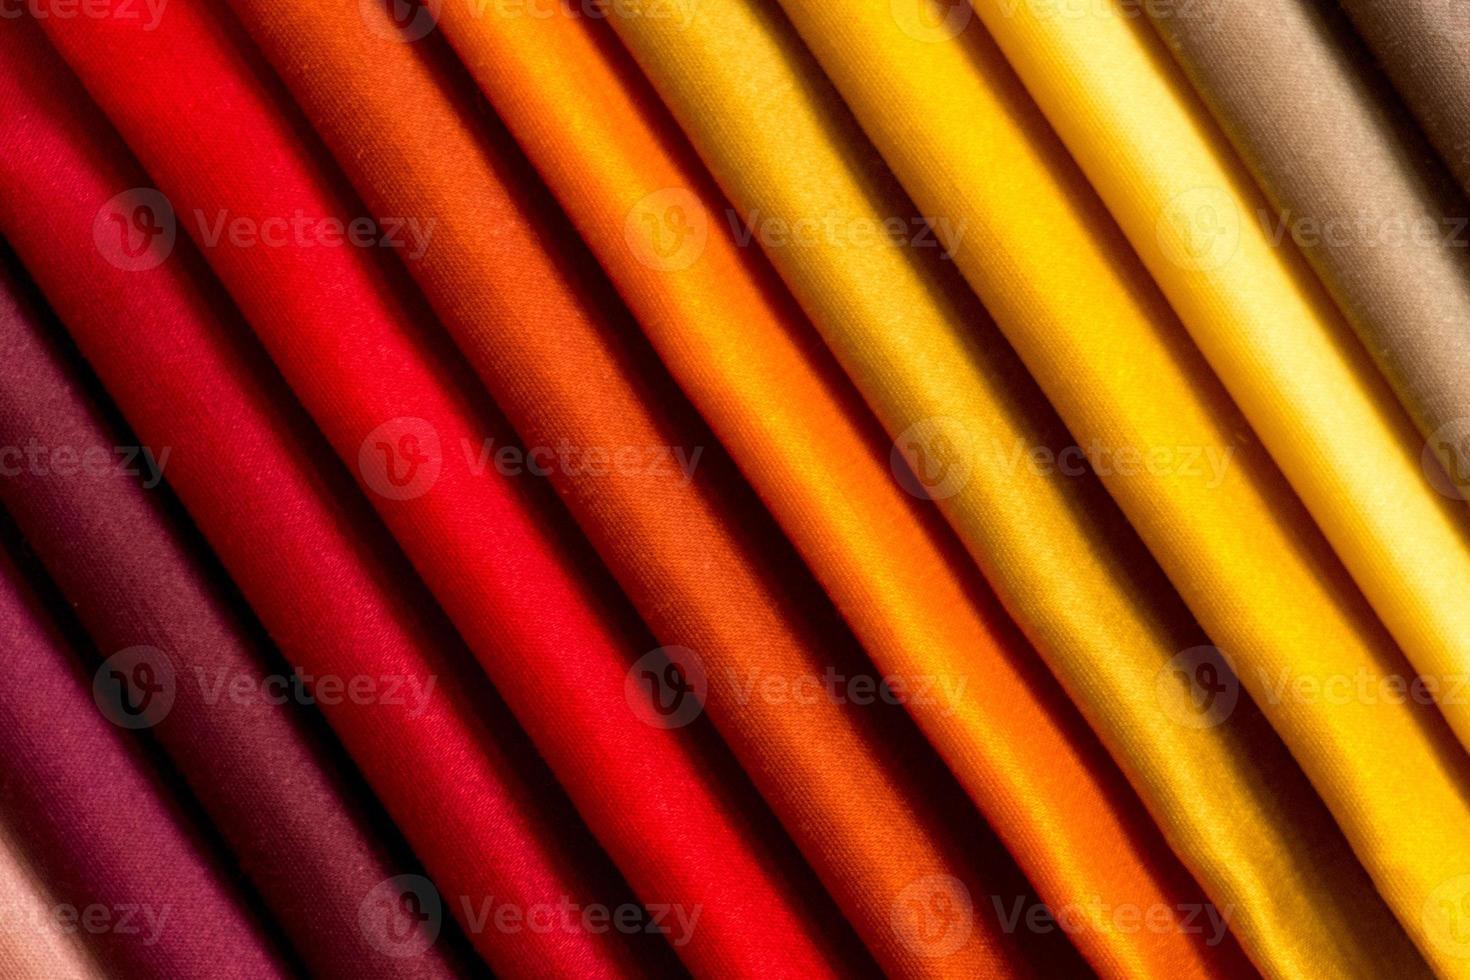 échantillons de tissu coloré photo